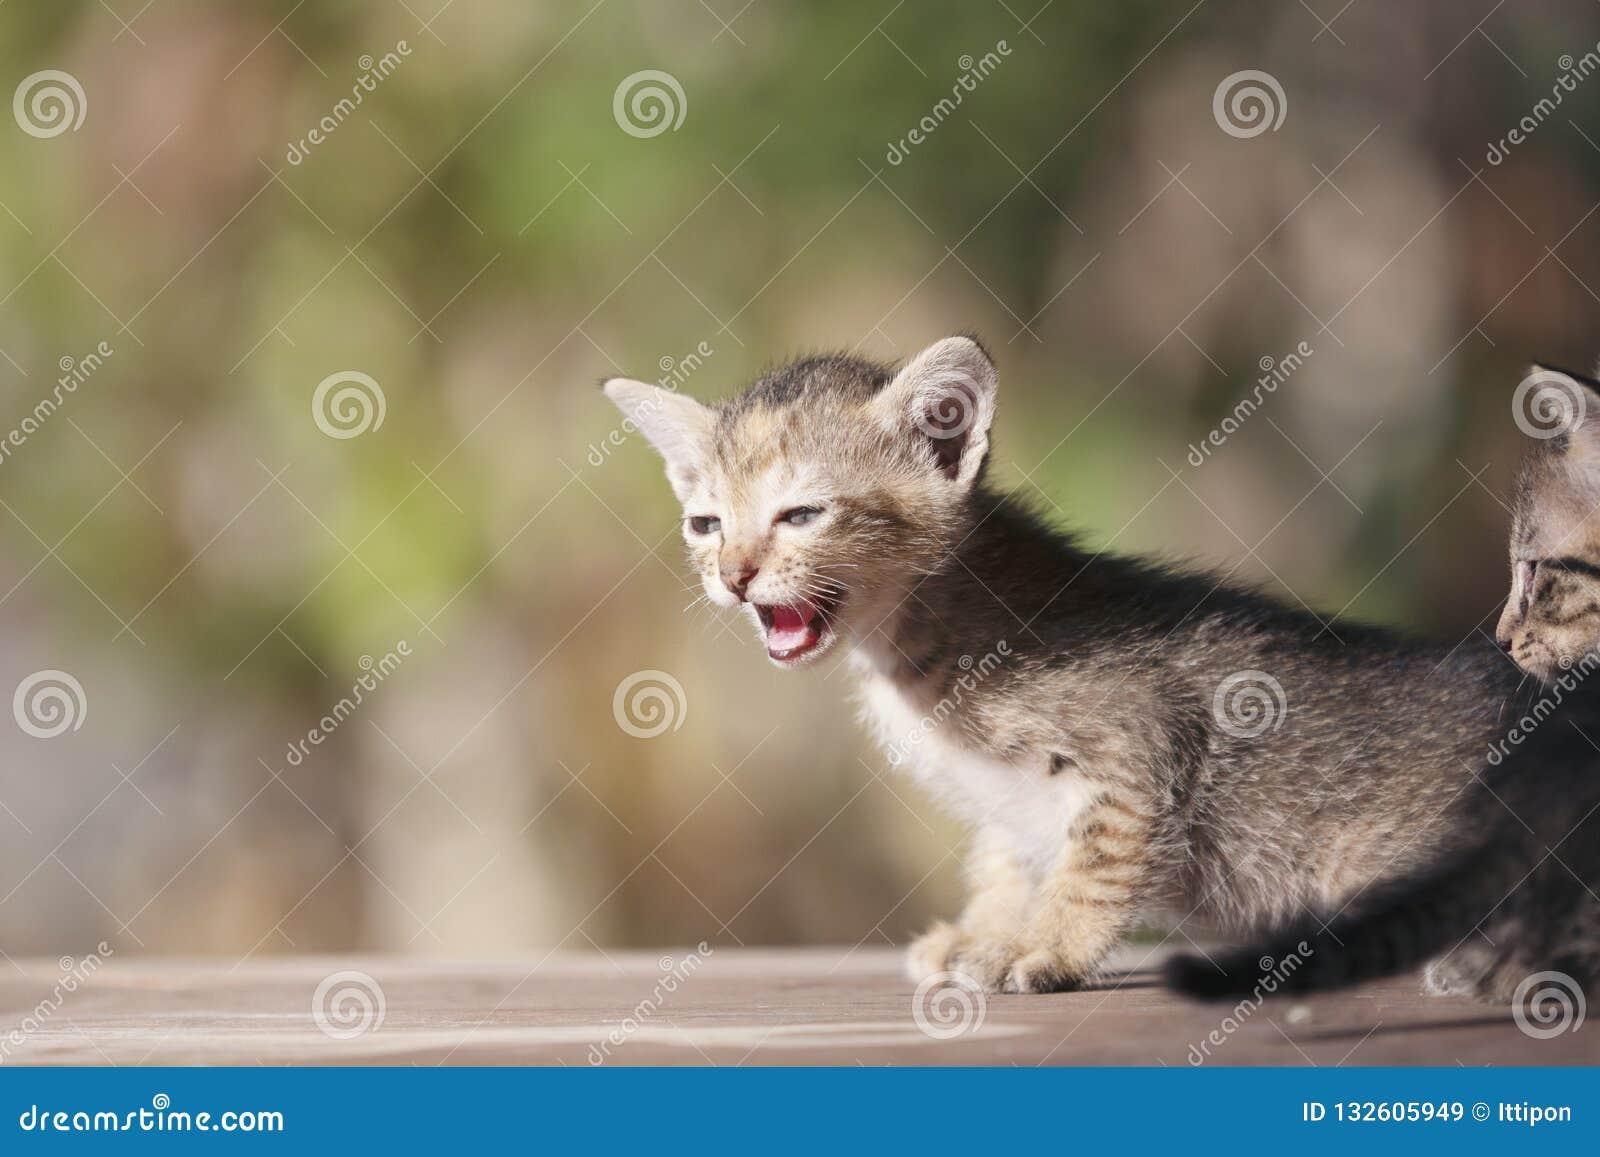 Kubus het uiterst kleine katje spelen